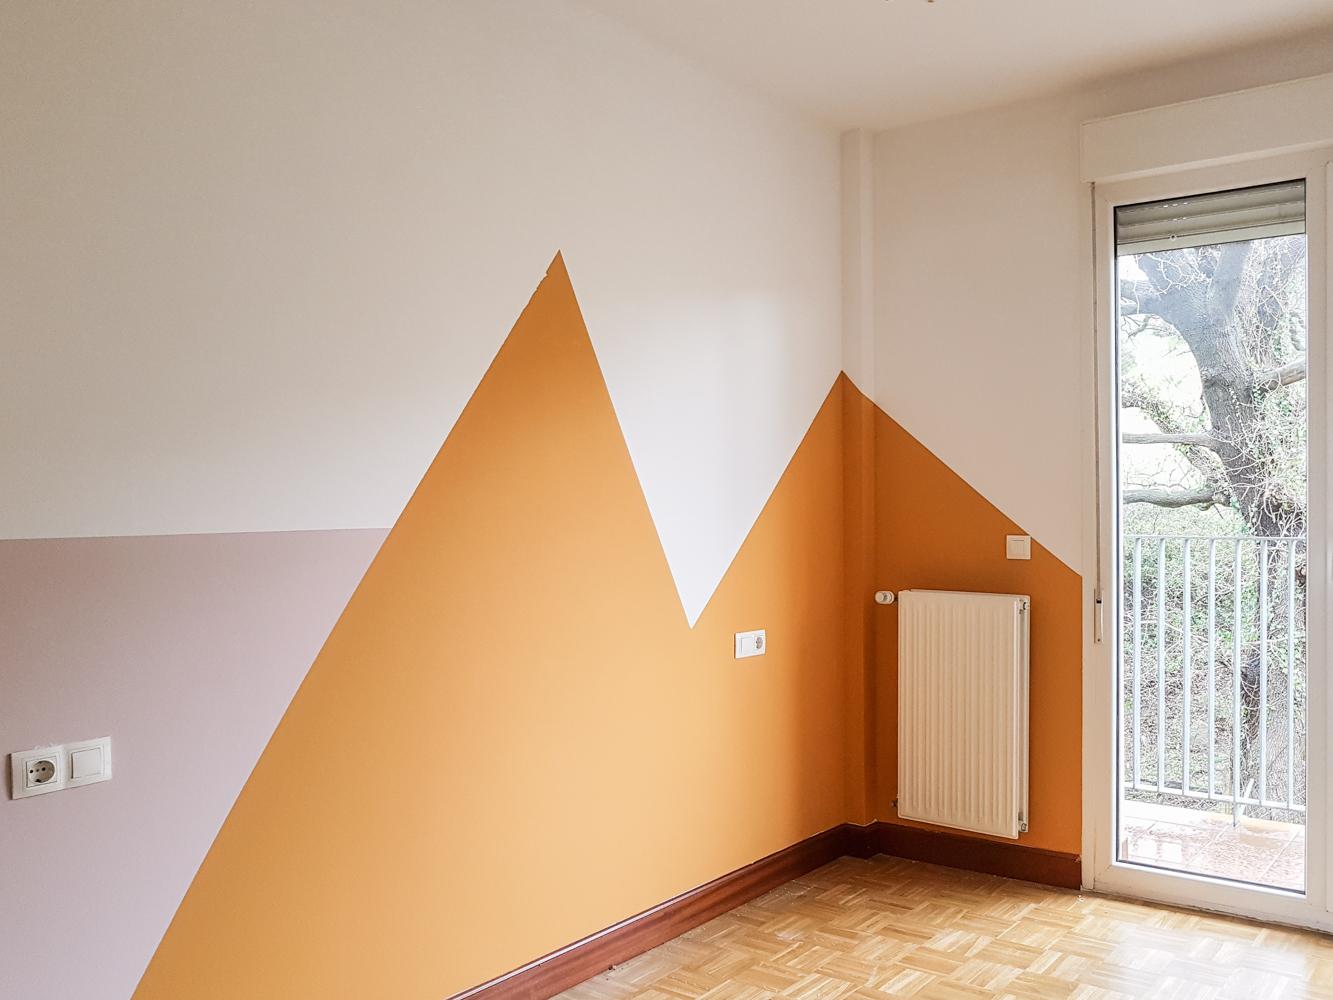 Como pintar una habitaci n infantil con formas geom tricas for Formas de pintar paredes interiores